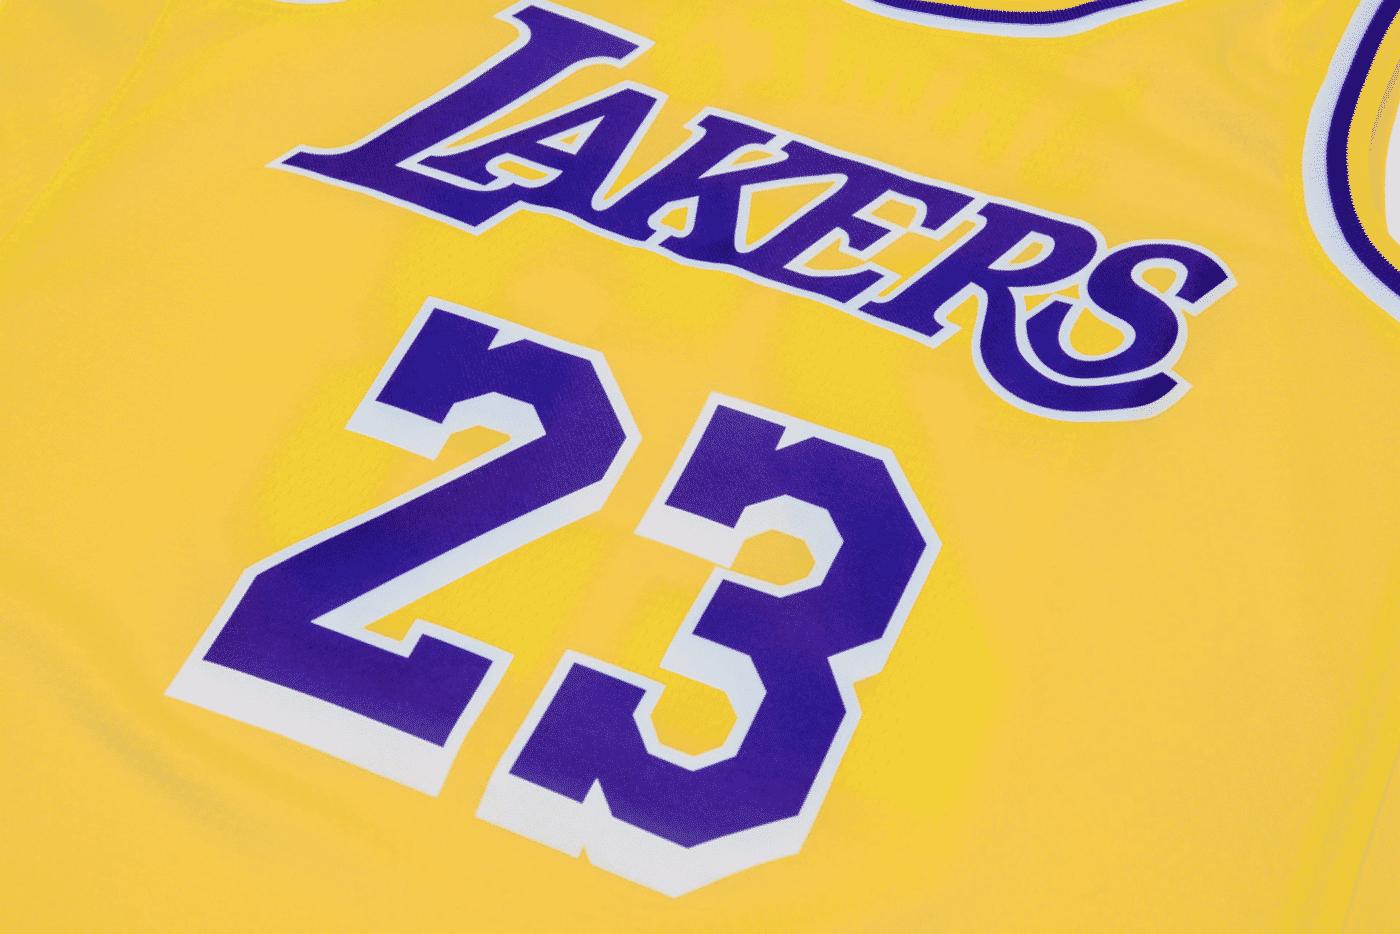 Le jersey de LeBron aux Lakers fuite encore, hommage au Showtime confirmé